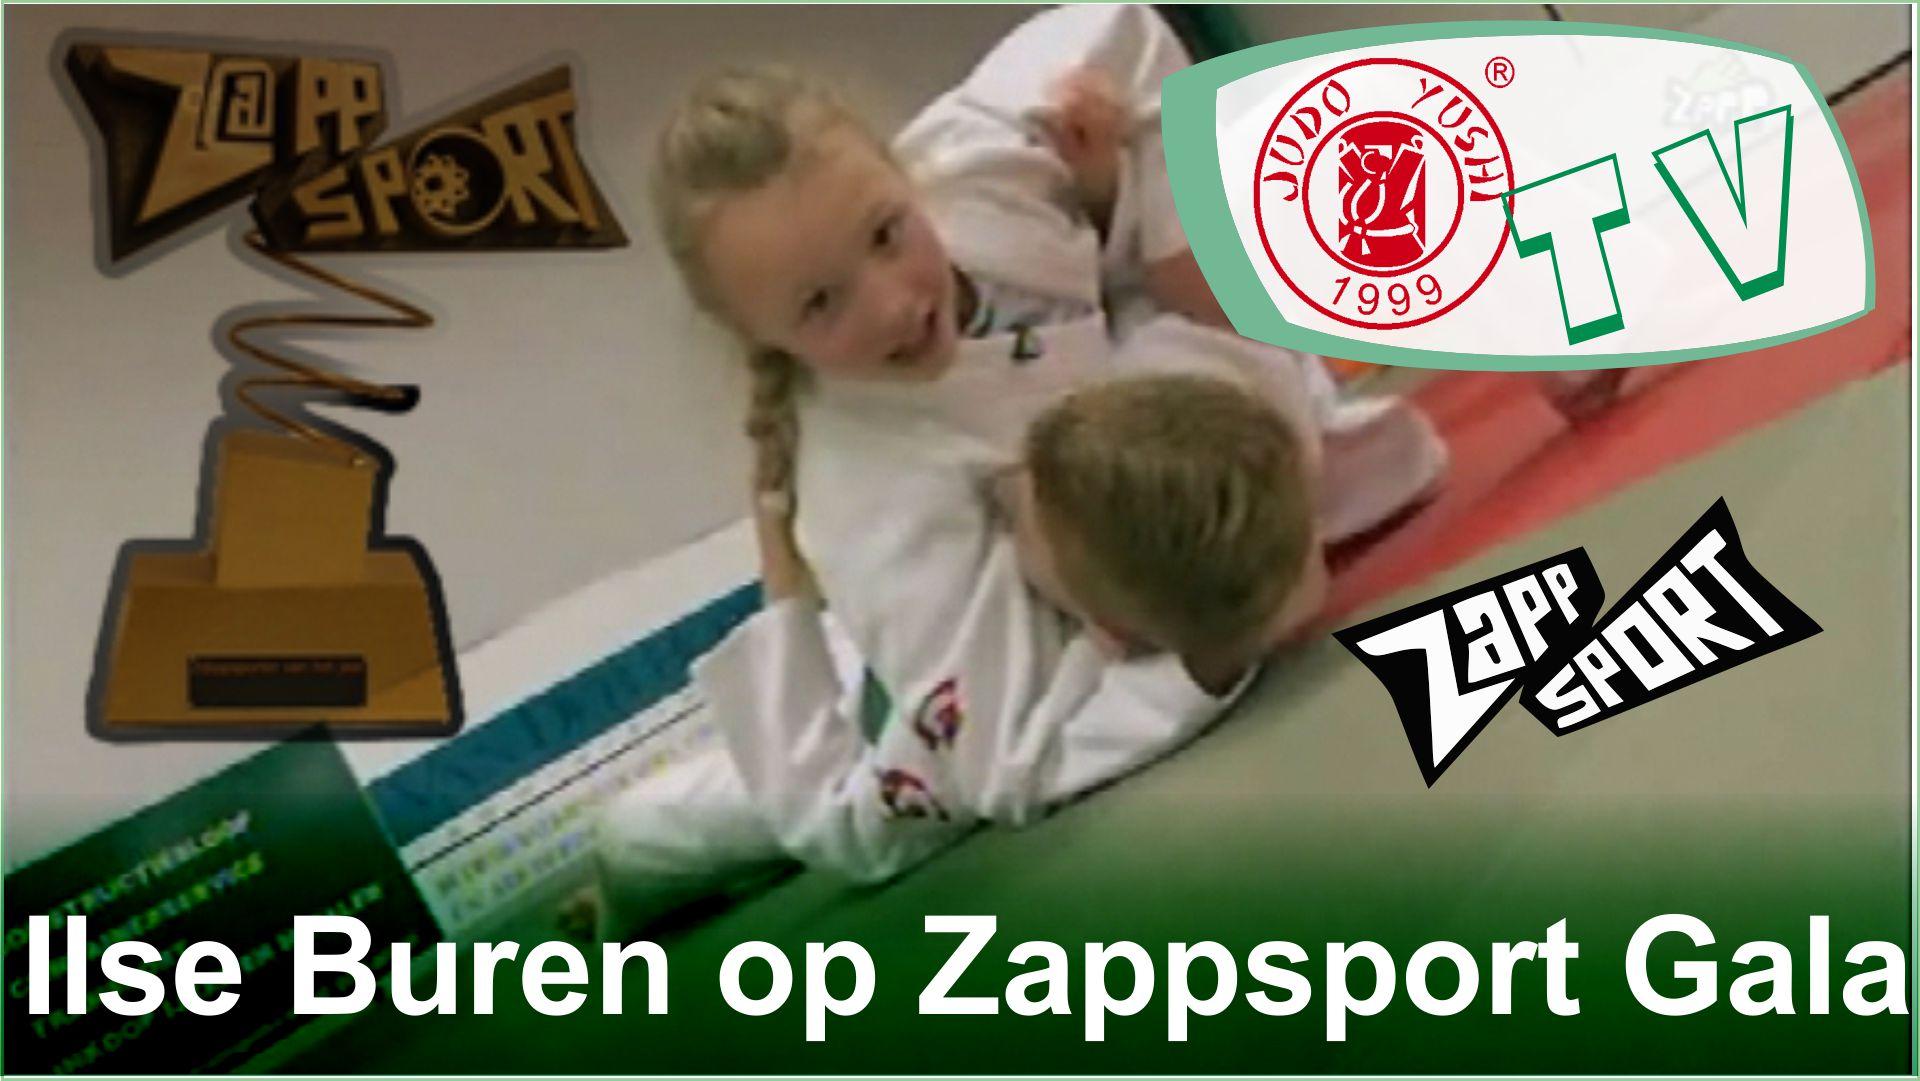 Ilse Buren bij het Zappsport Gala